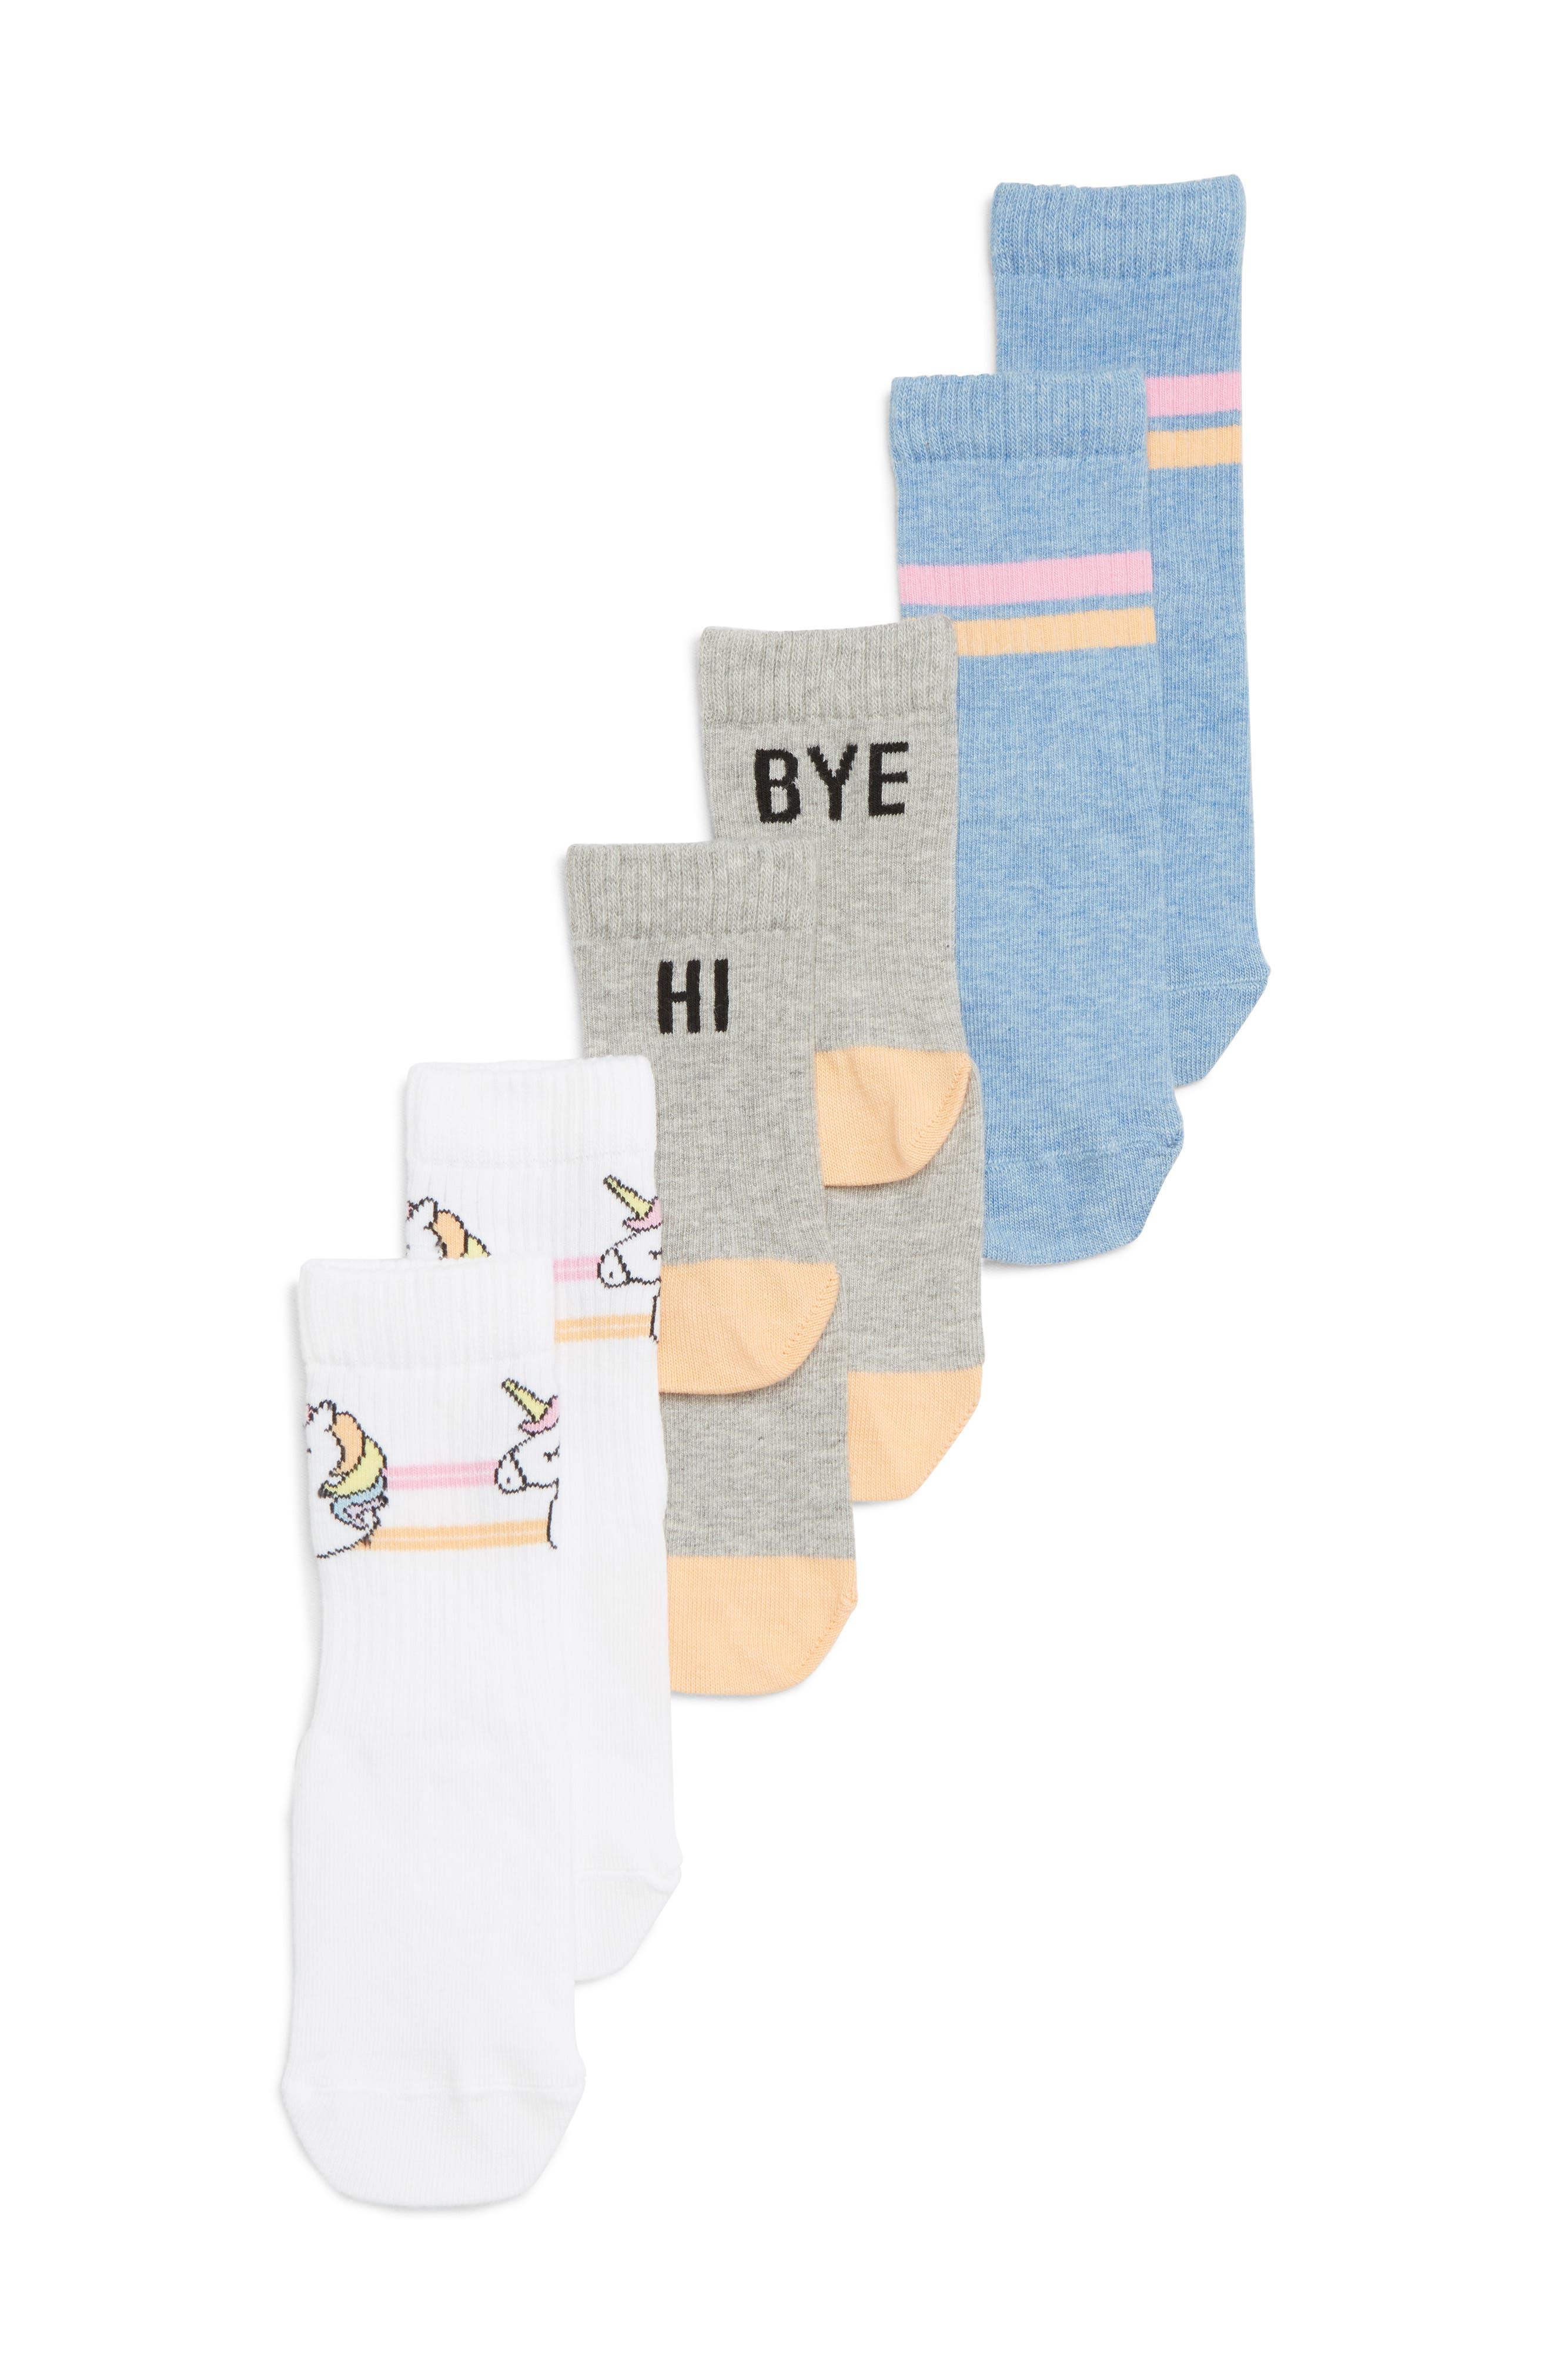 Hi Bye 3-Pack Crew Socks,                         Main,                         color, 100